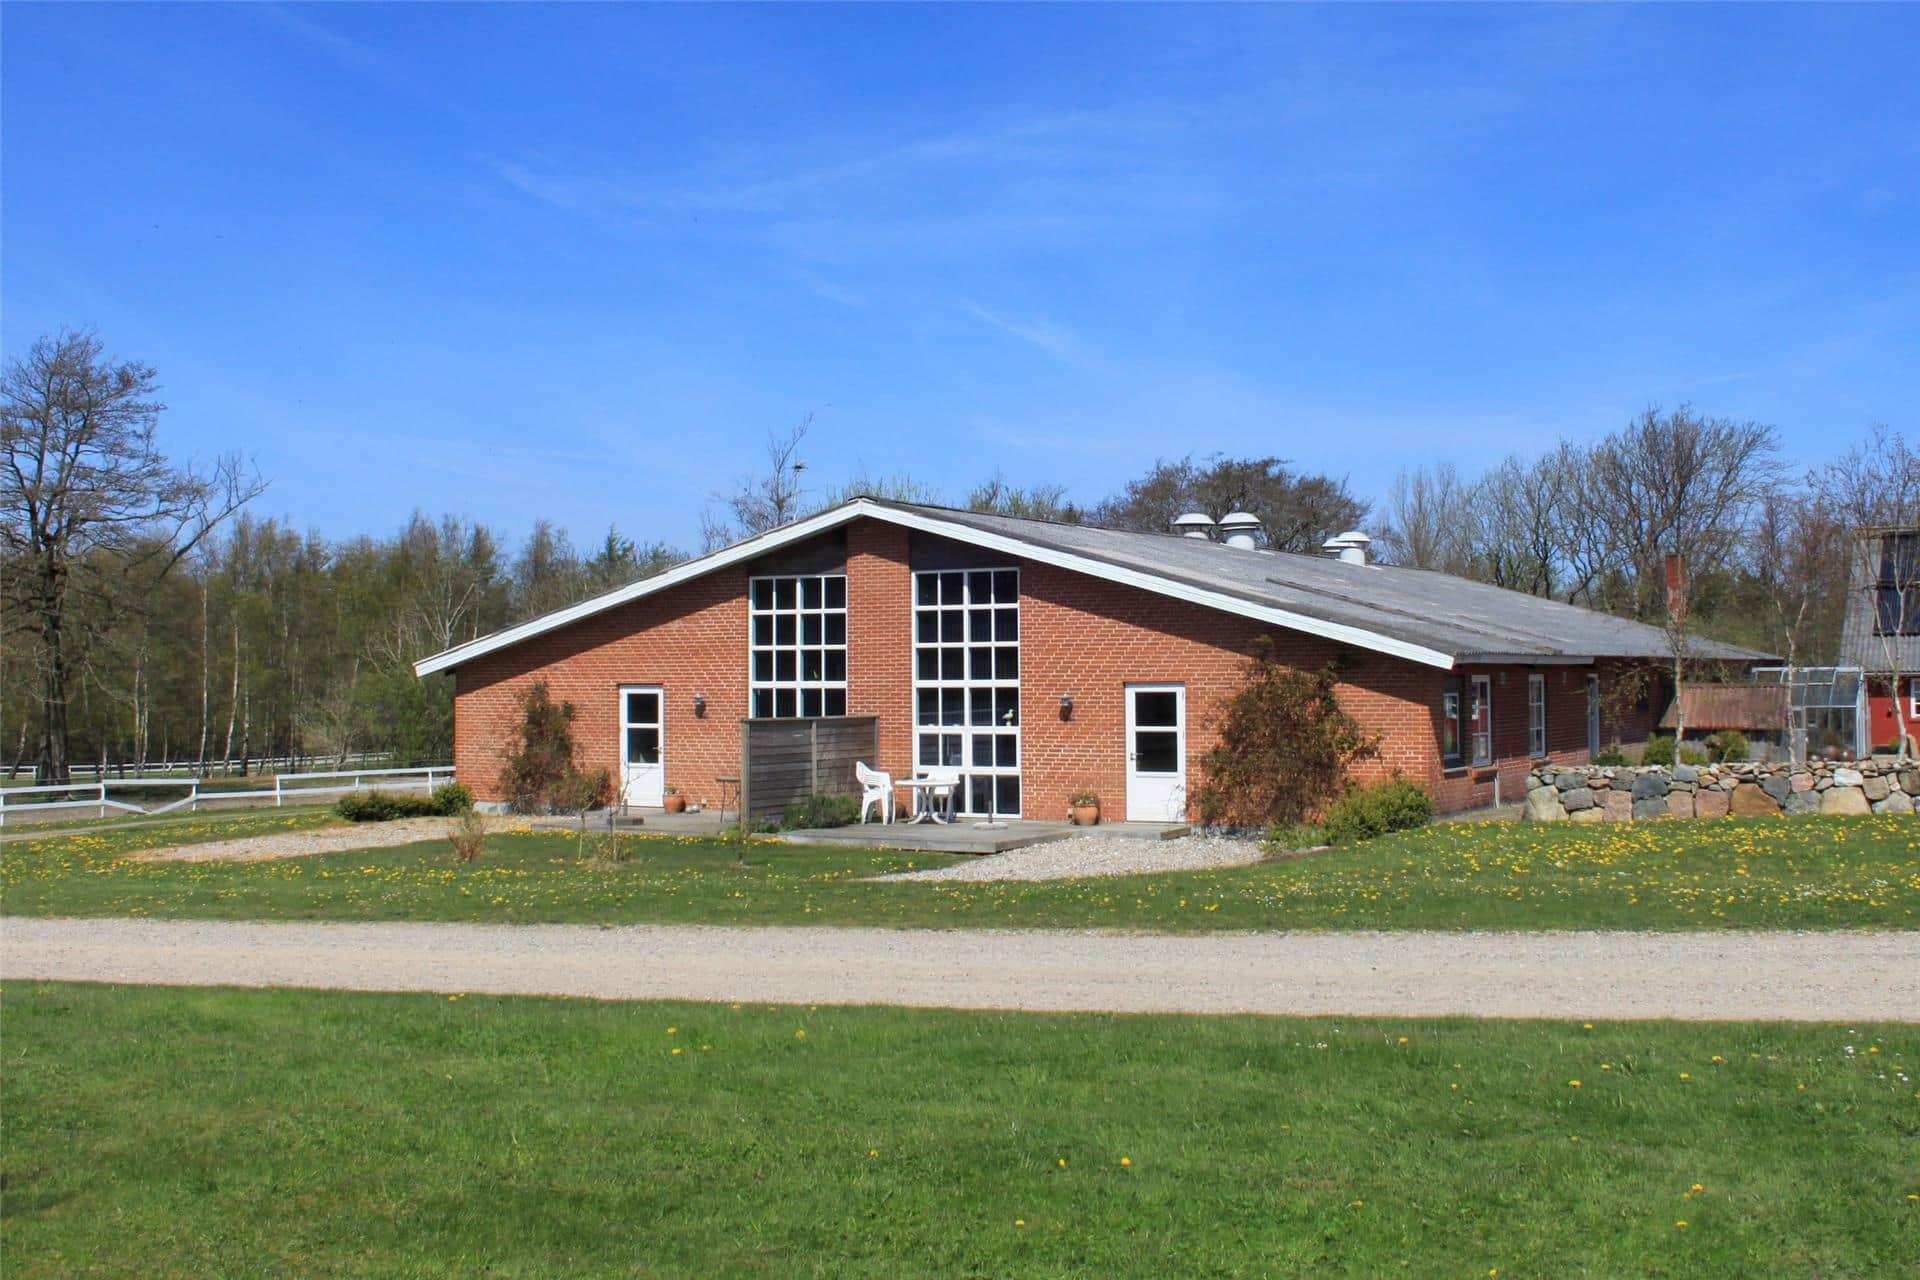 Billede 1-3 Sommerhus L14211, Vile Vestergårdvej 34, DK - 7870 Roslev